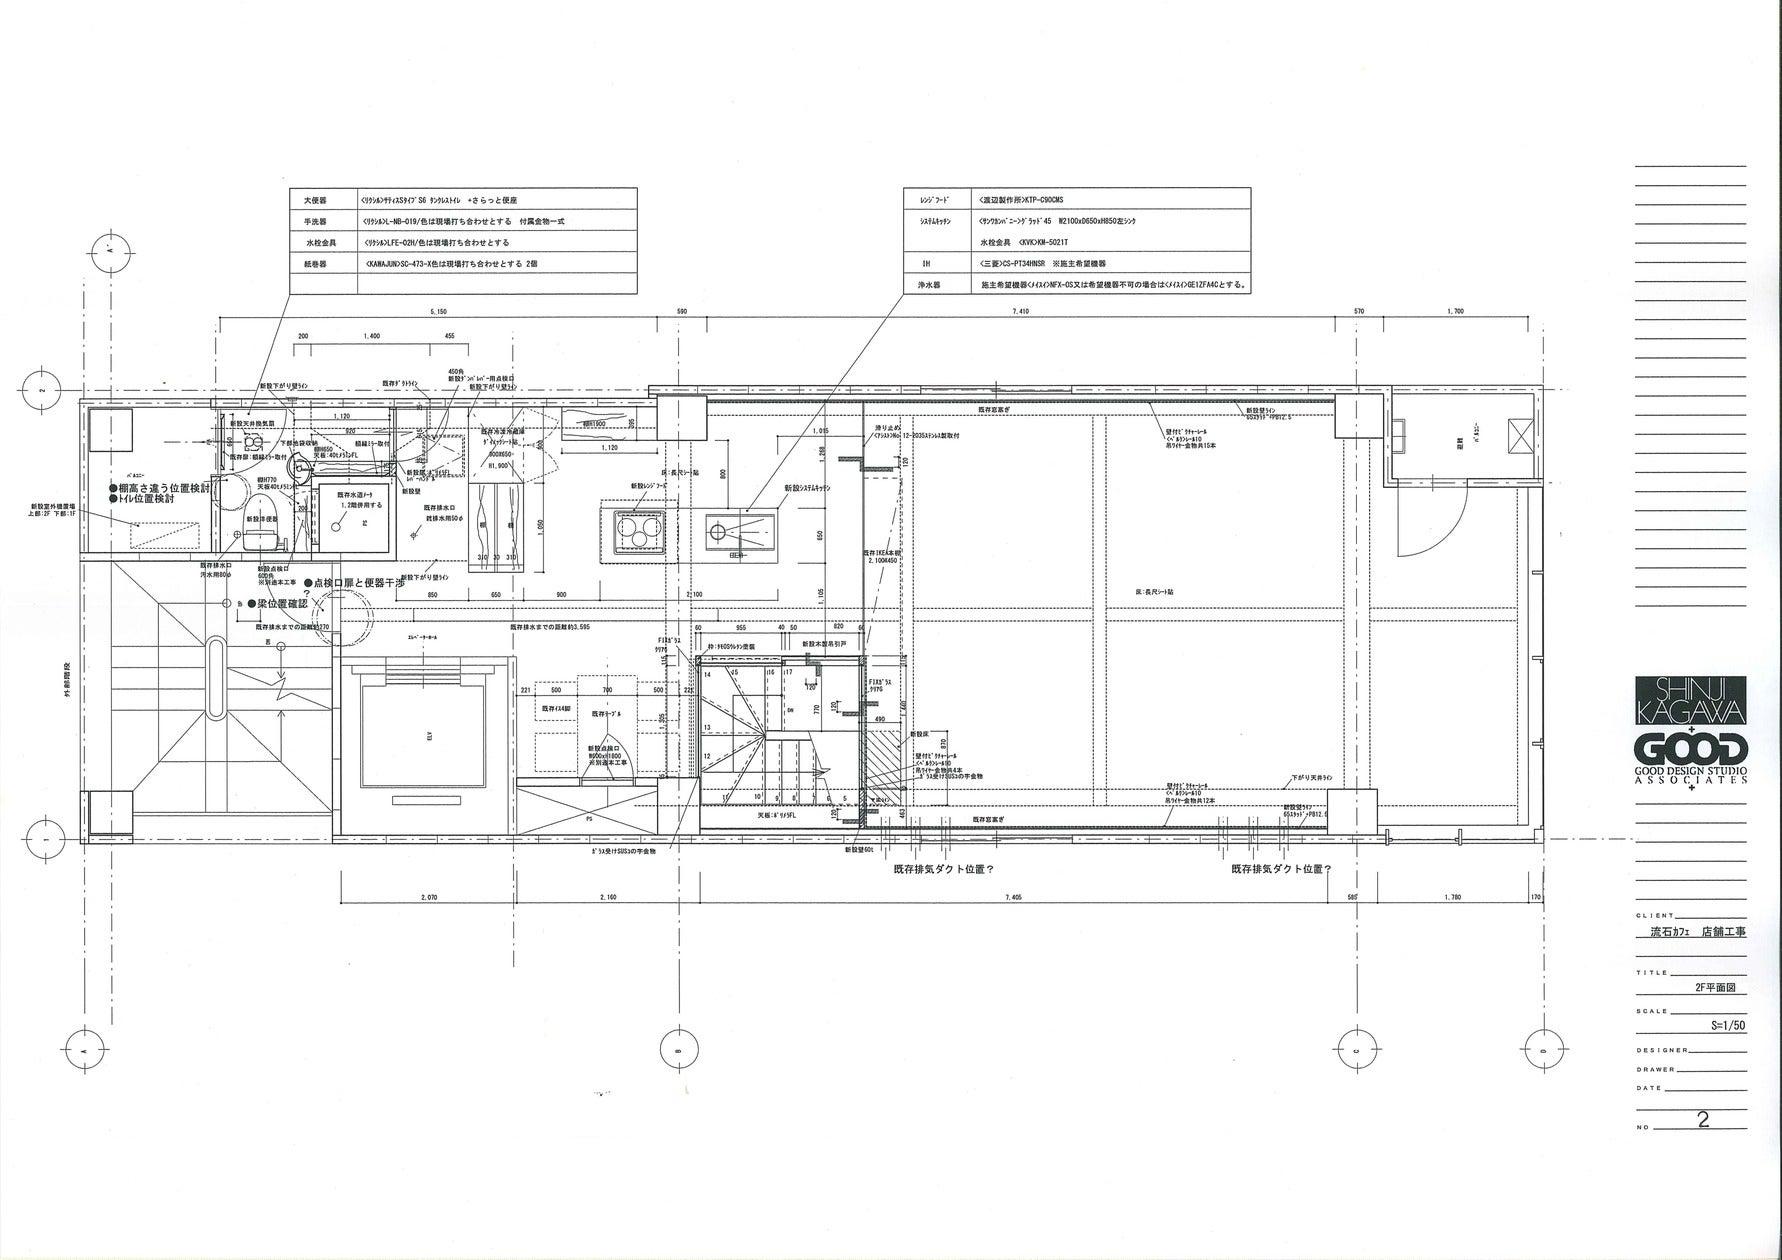 銀座一丁目でアクセス便利!明るさと清潔感が評判です!白を基調としたシンプルなキッチン付き多目的スペース の写真